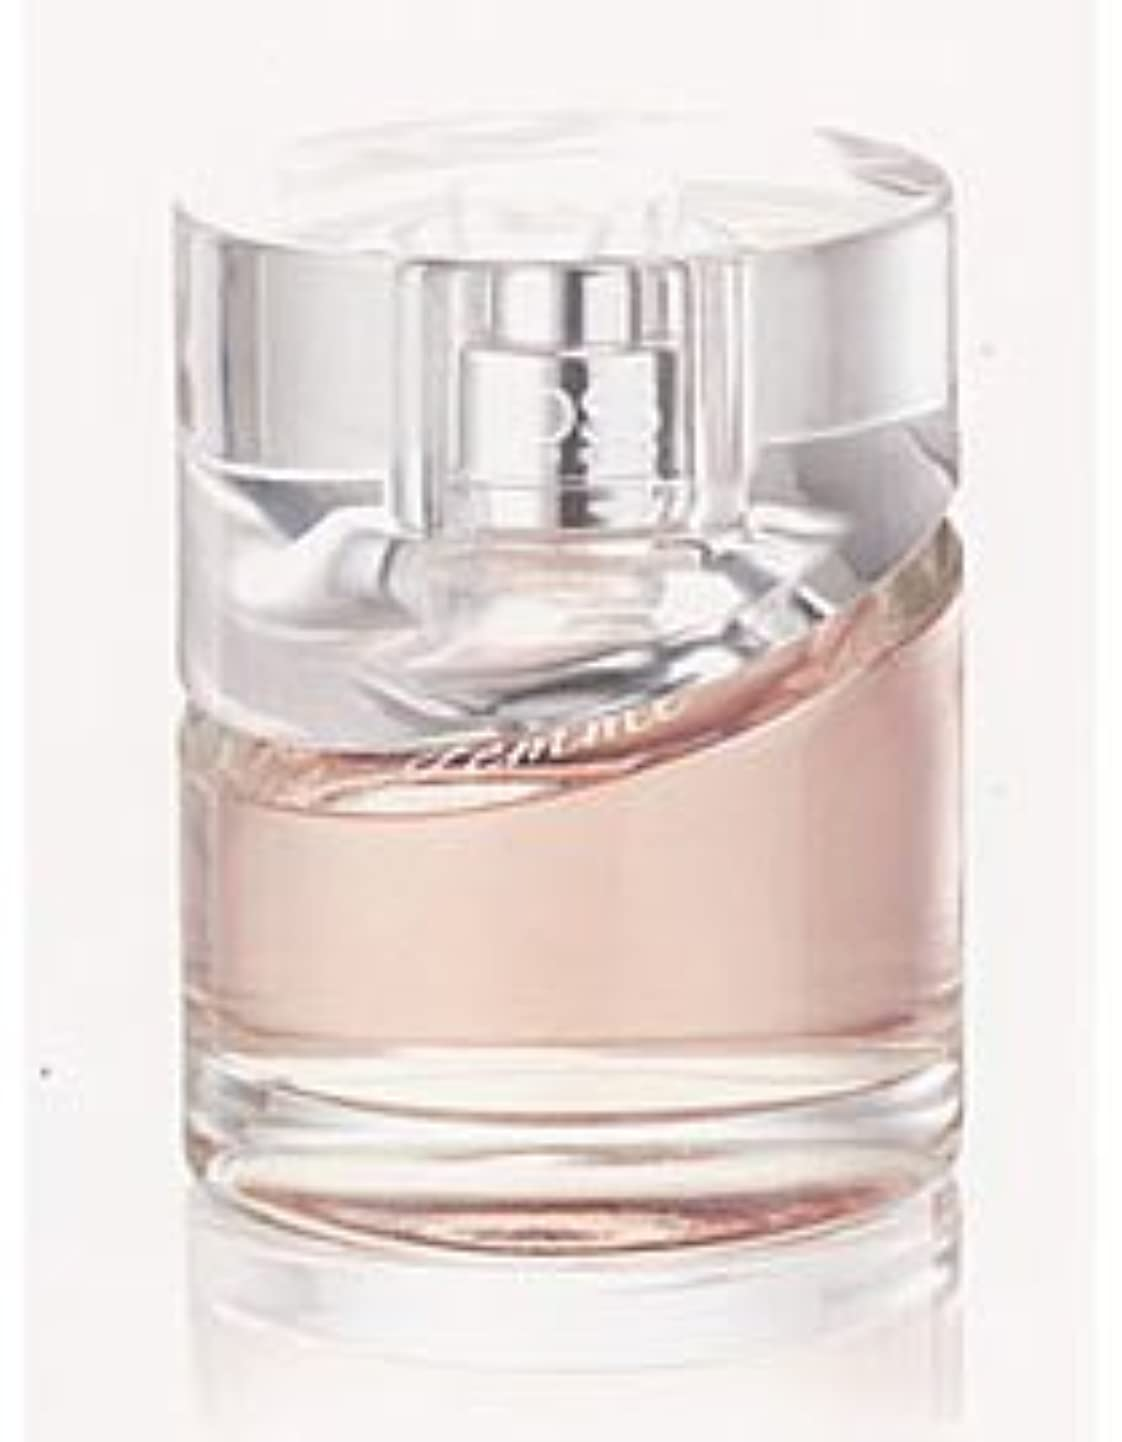 犯すヤングみぞれ[LOreal] Mythic Oil Souffle dOr Sparkling Conditioner (For All Hair Types) 750ml/25.4oz